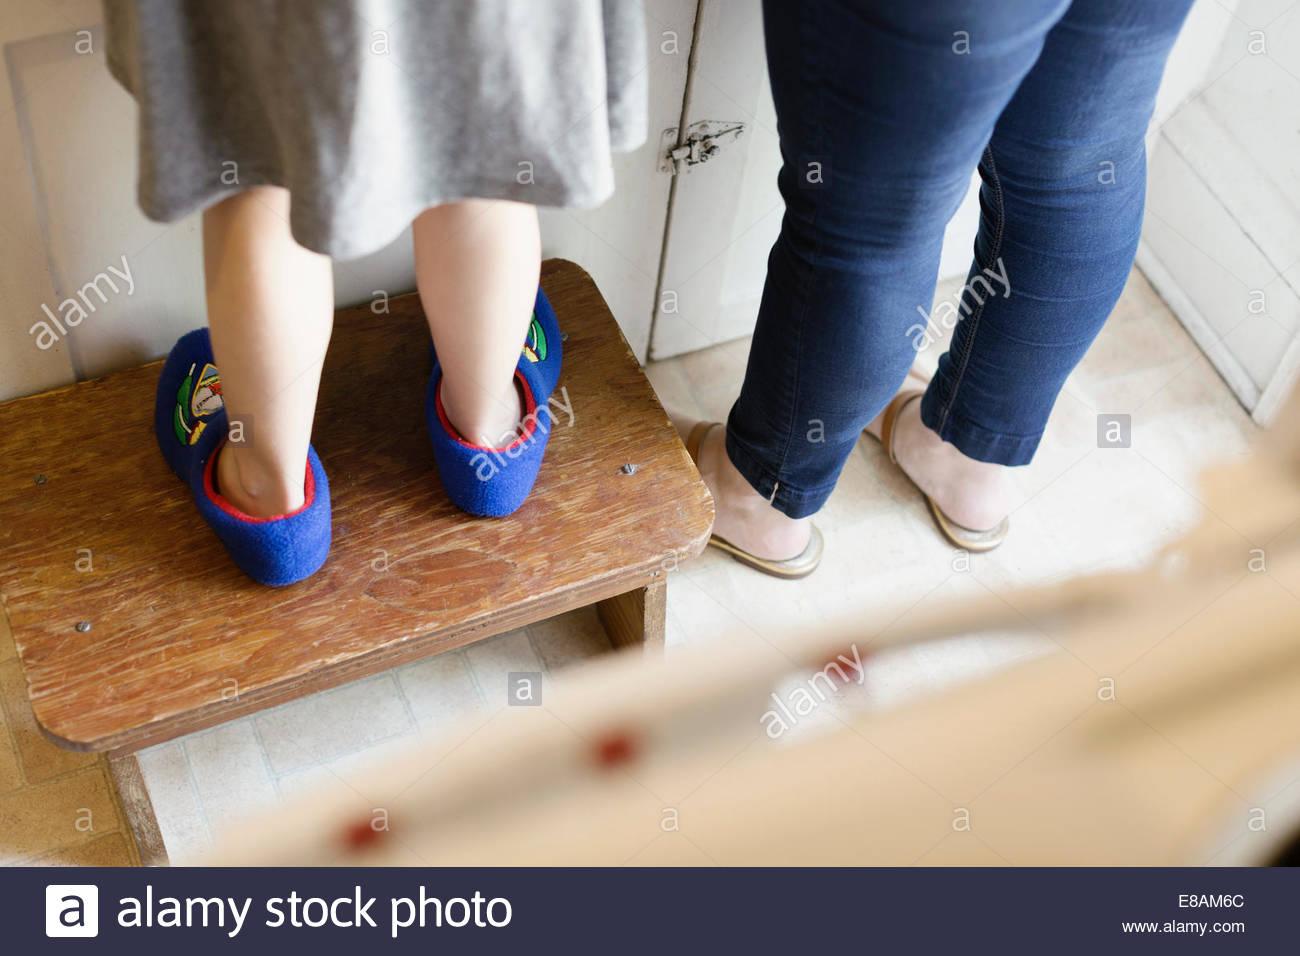 Beine der Mitte Erwachsene Mutter neben Tochter steht auf Hocker in Küche Stockfoto